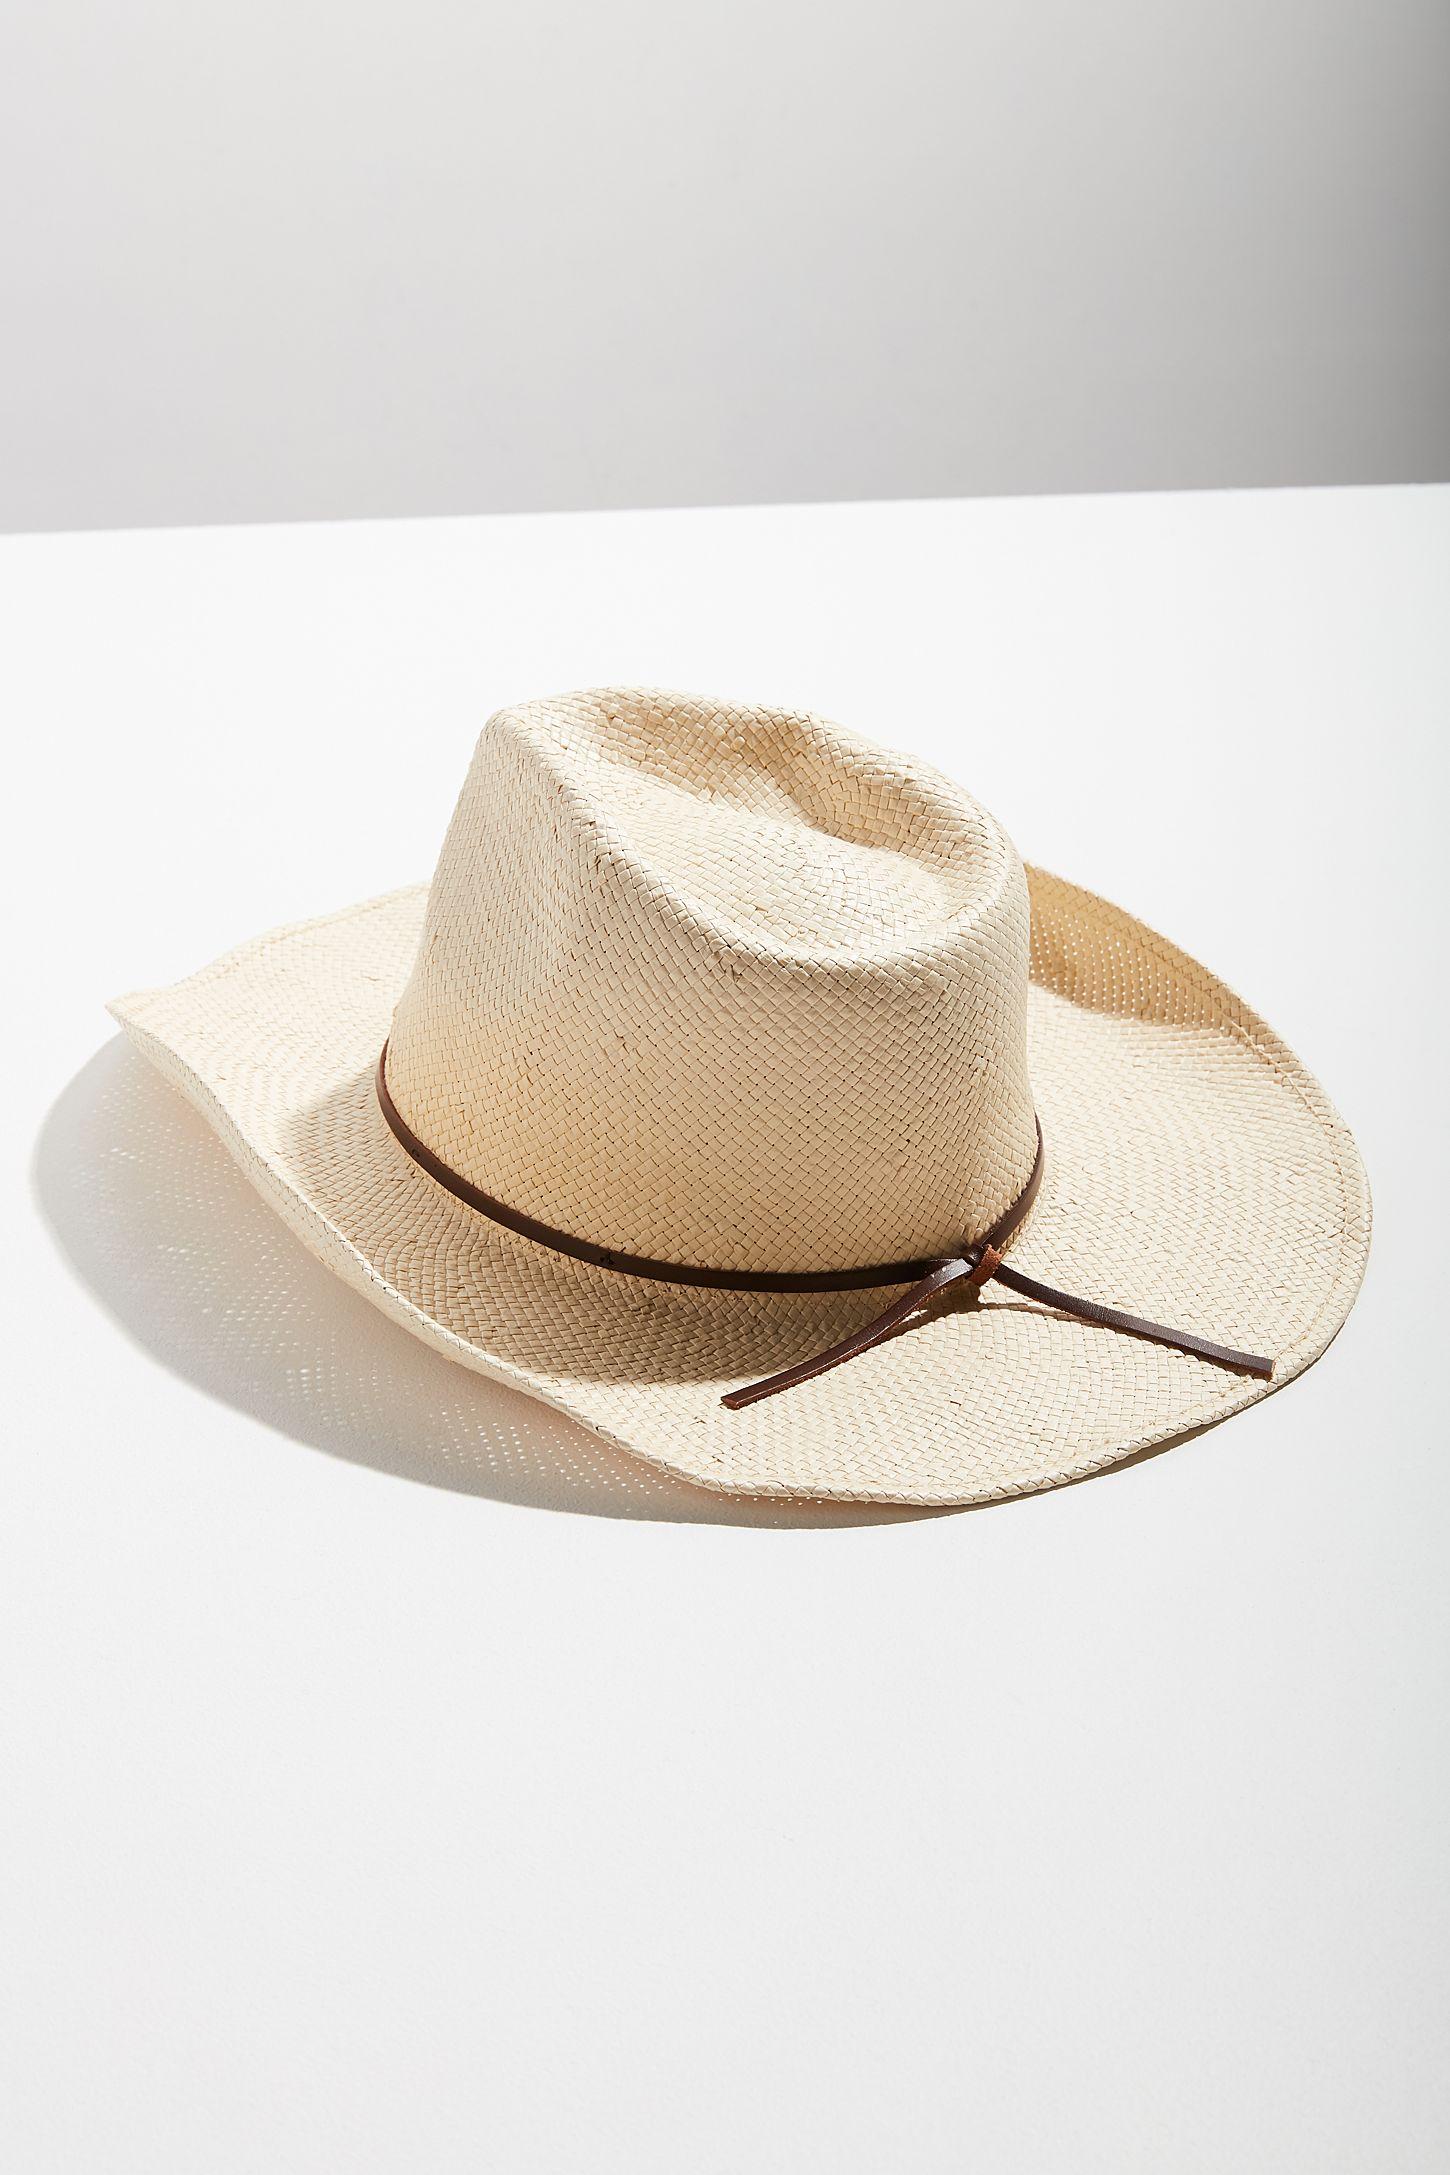 c71f437860c Greg Bourdy Womens Straw Cowboy Hats Canada